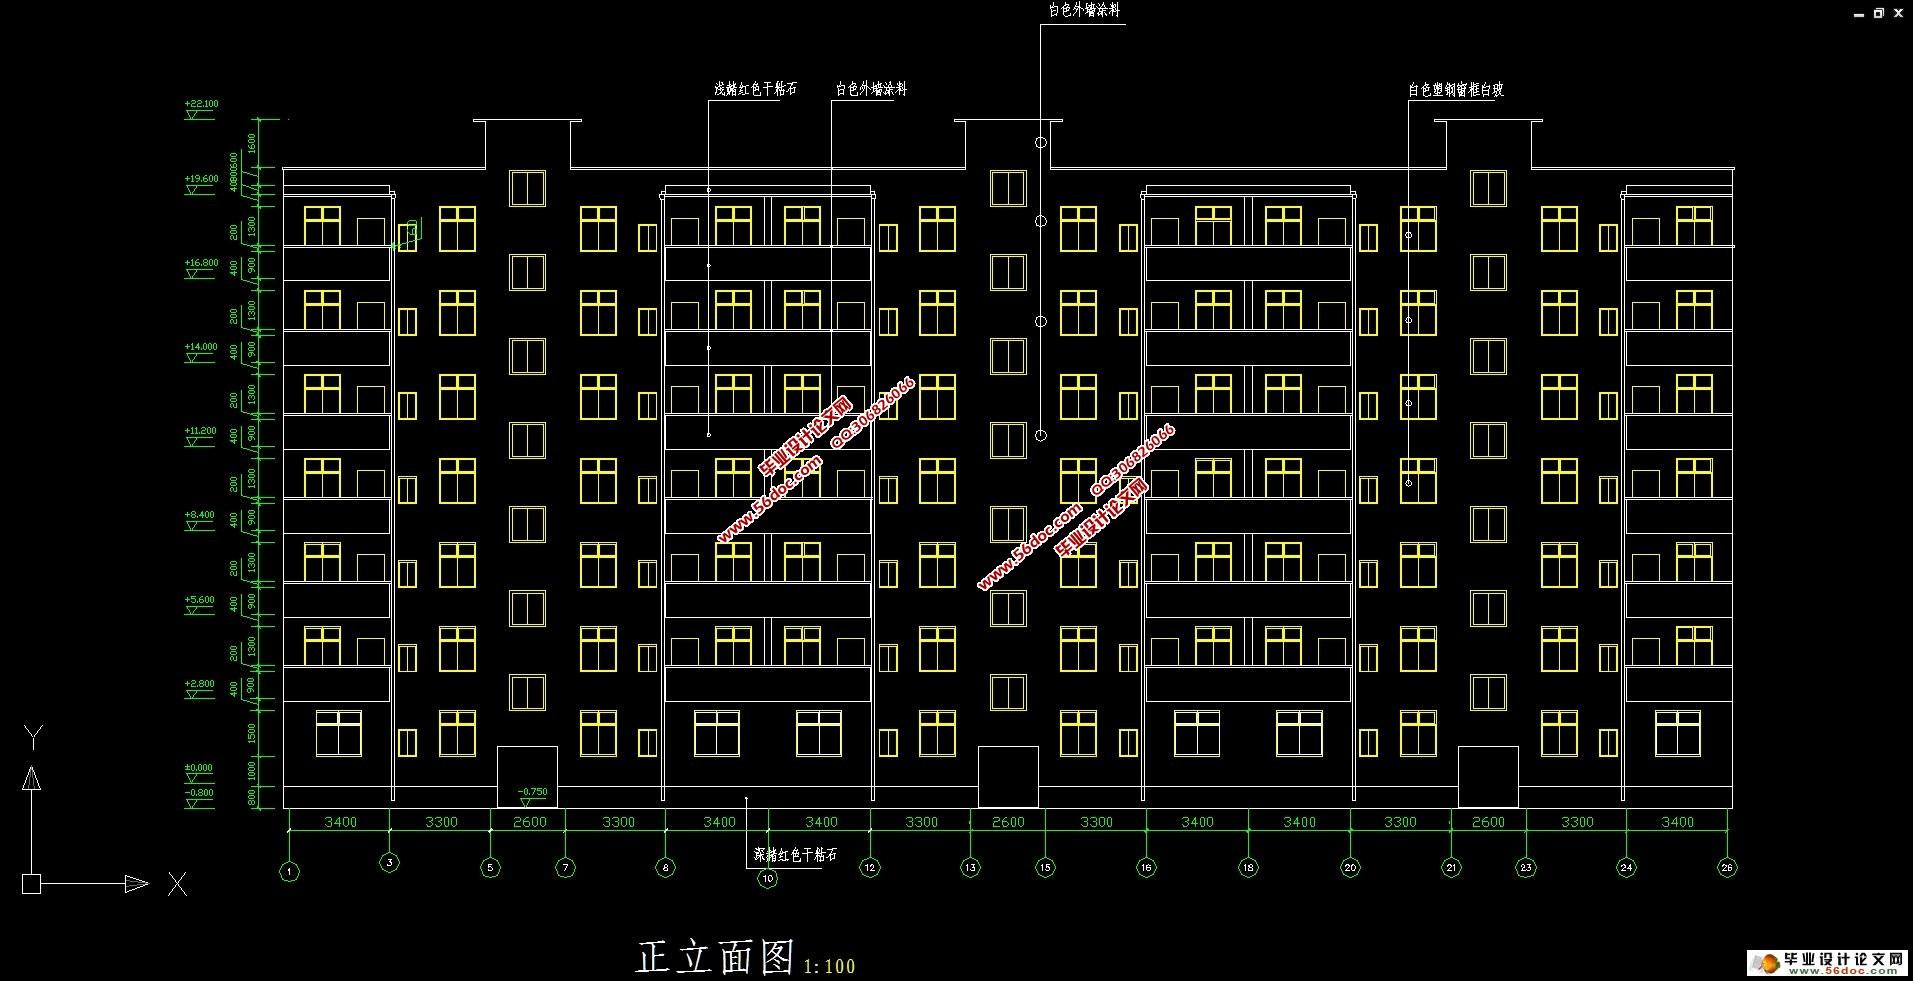 七层4000平米某住宅楼框架结构设计(建筑图,结构图)